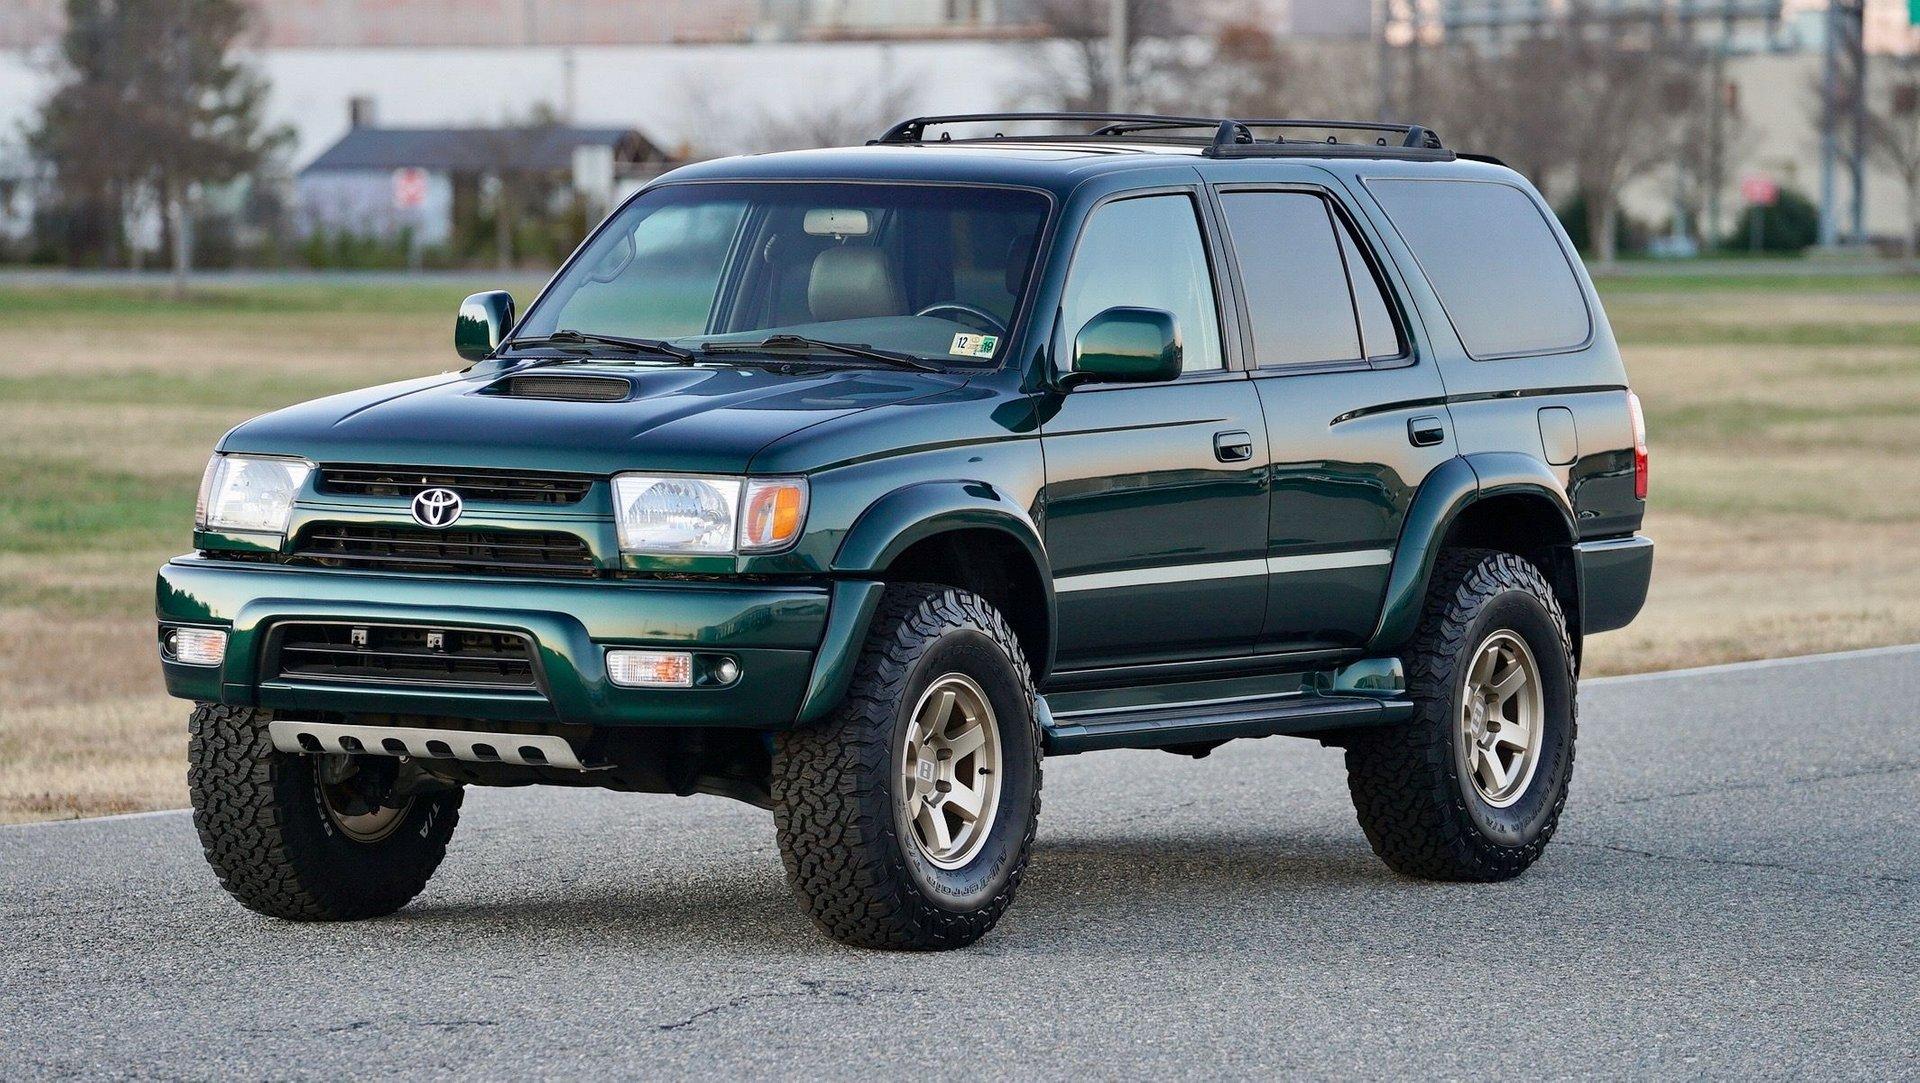 2000 Toyota 4 Runner Polnaya Restavraciya Ebay